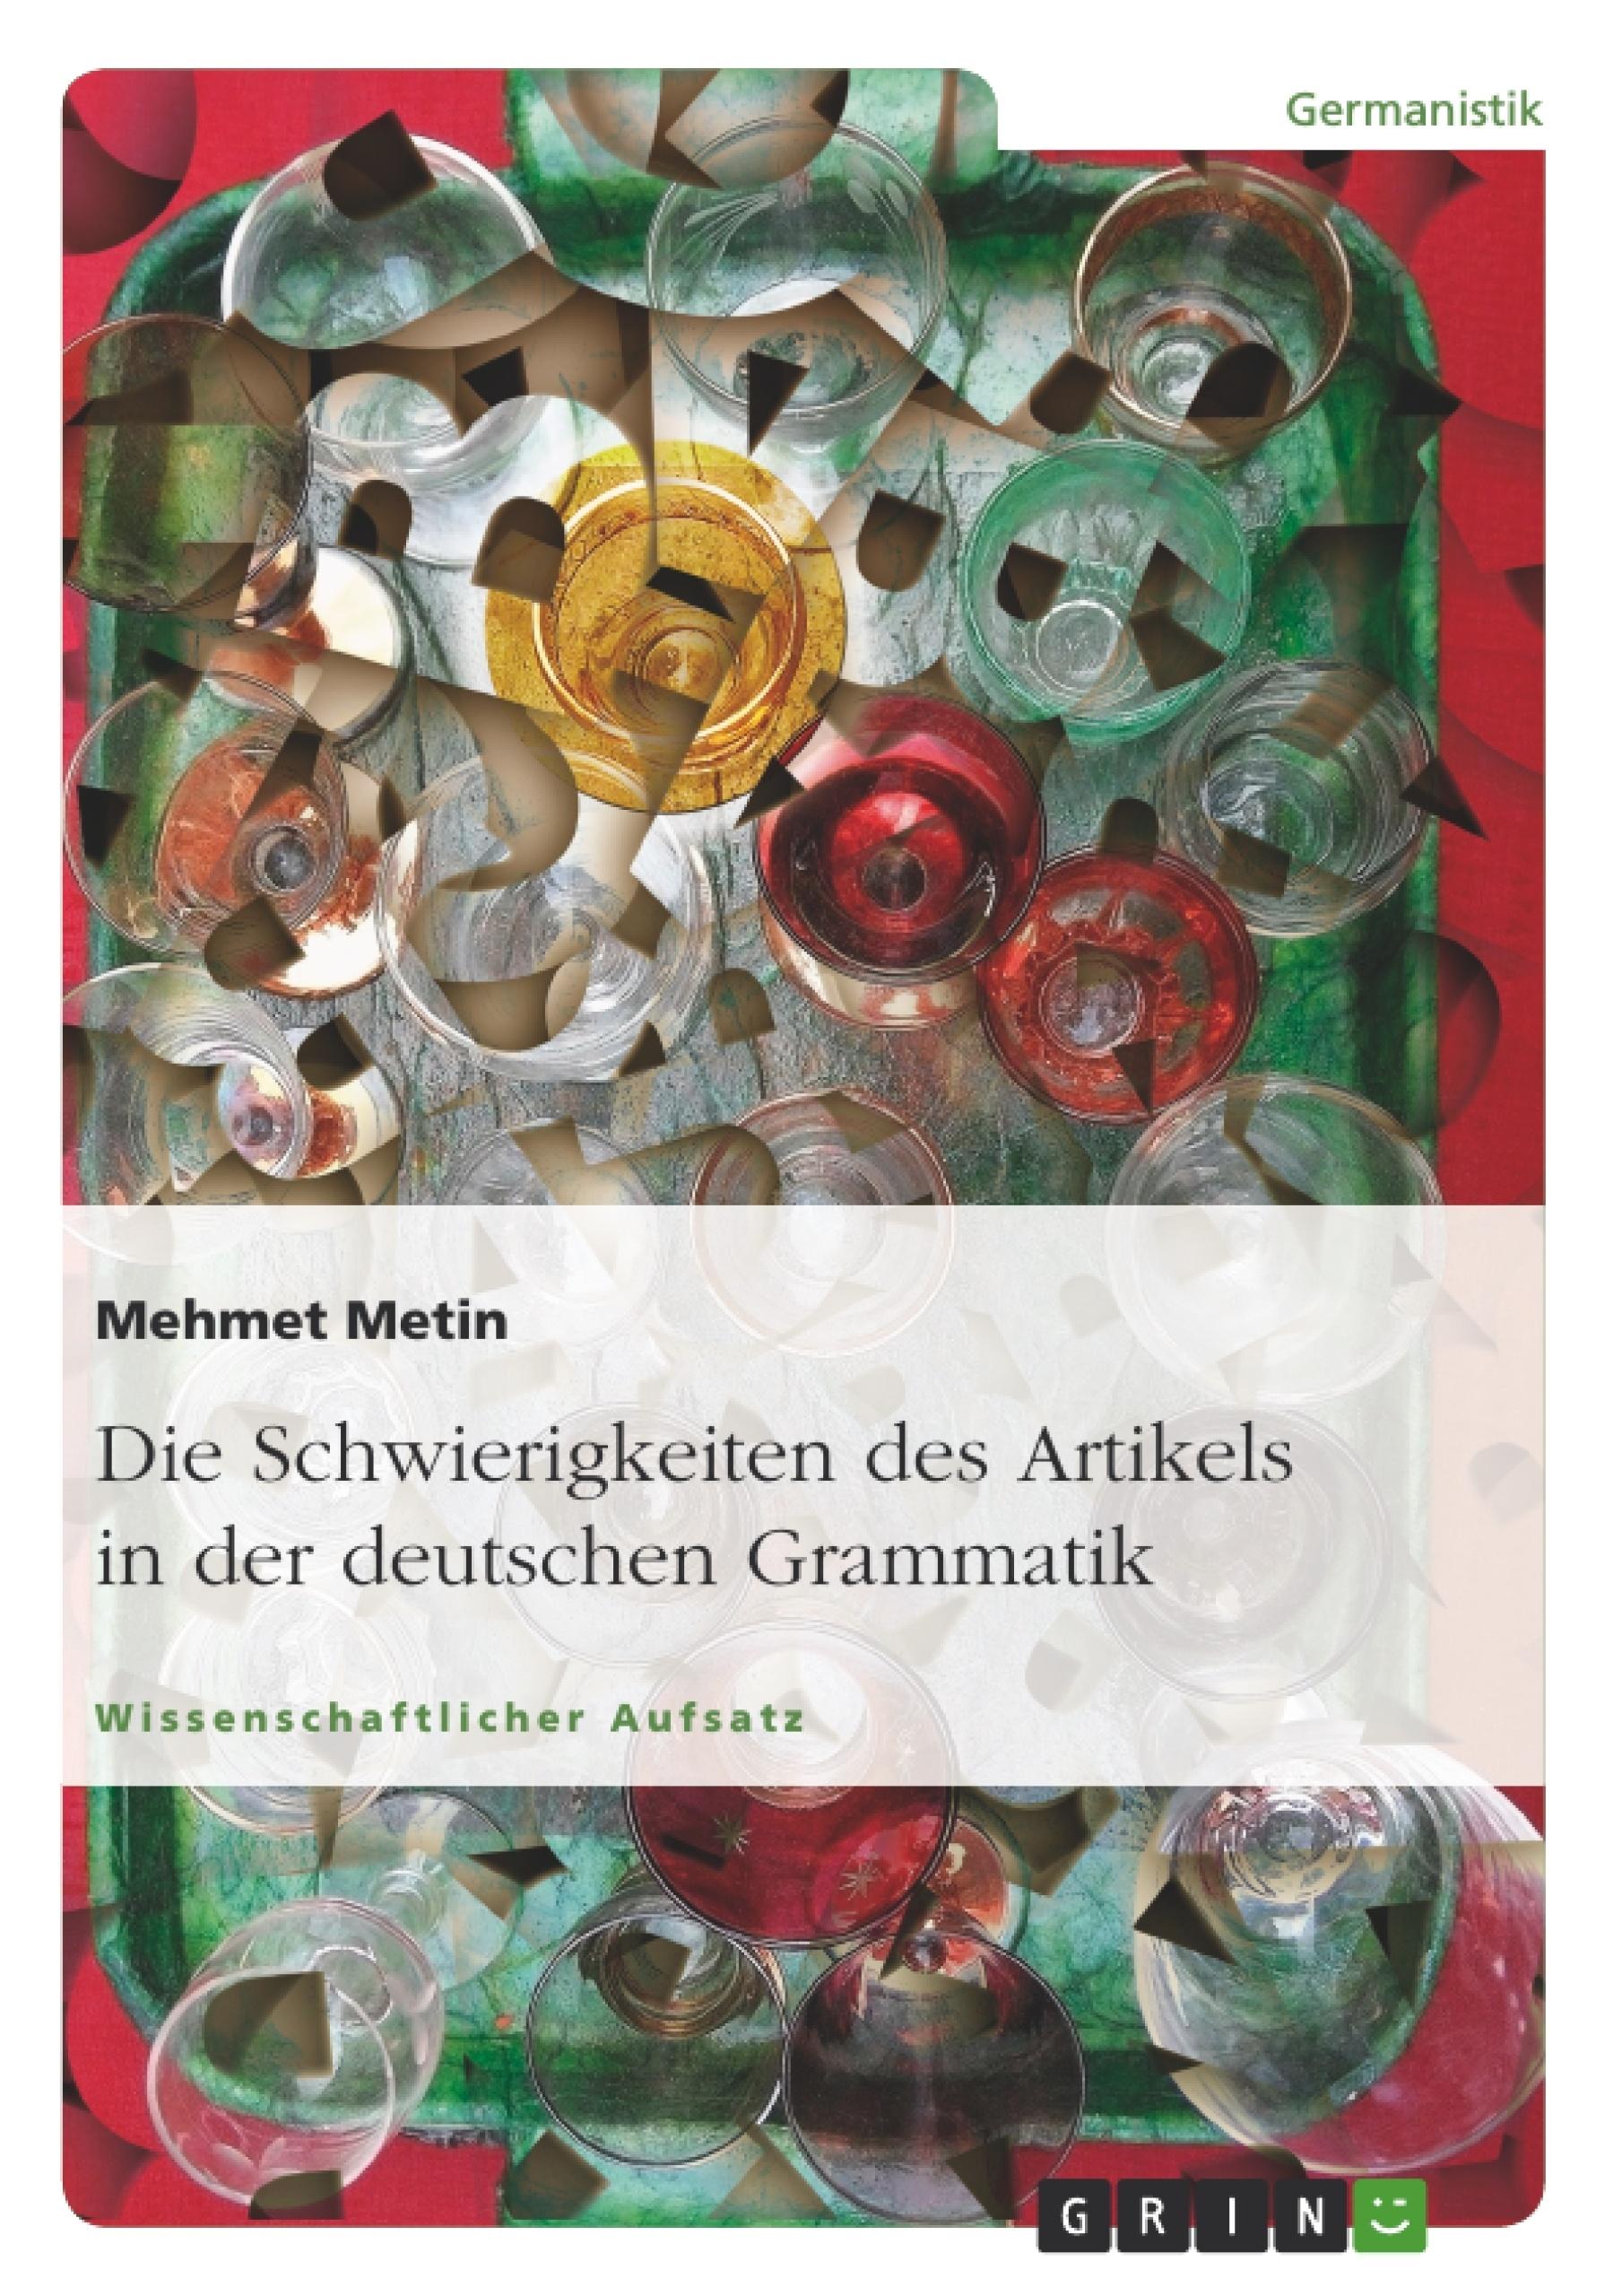 Titel: Die Schwierigkeiten des Artikels in der deutschen Grammatik